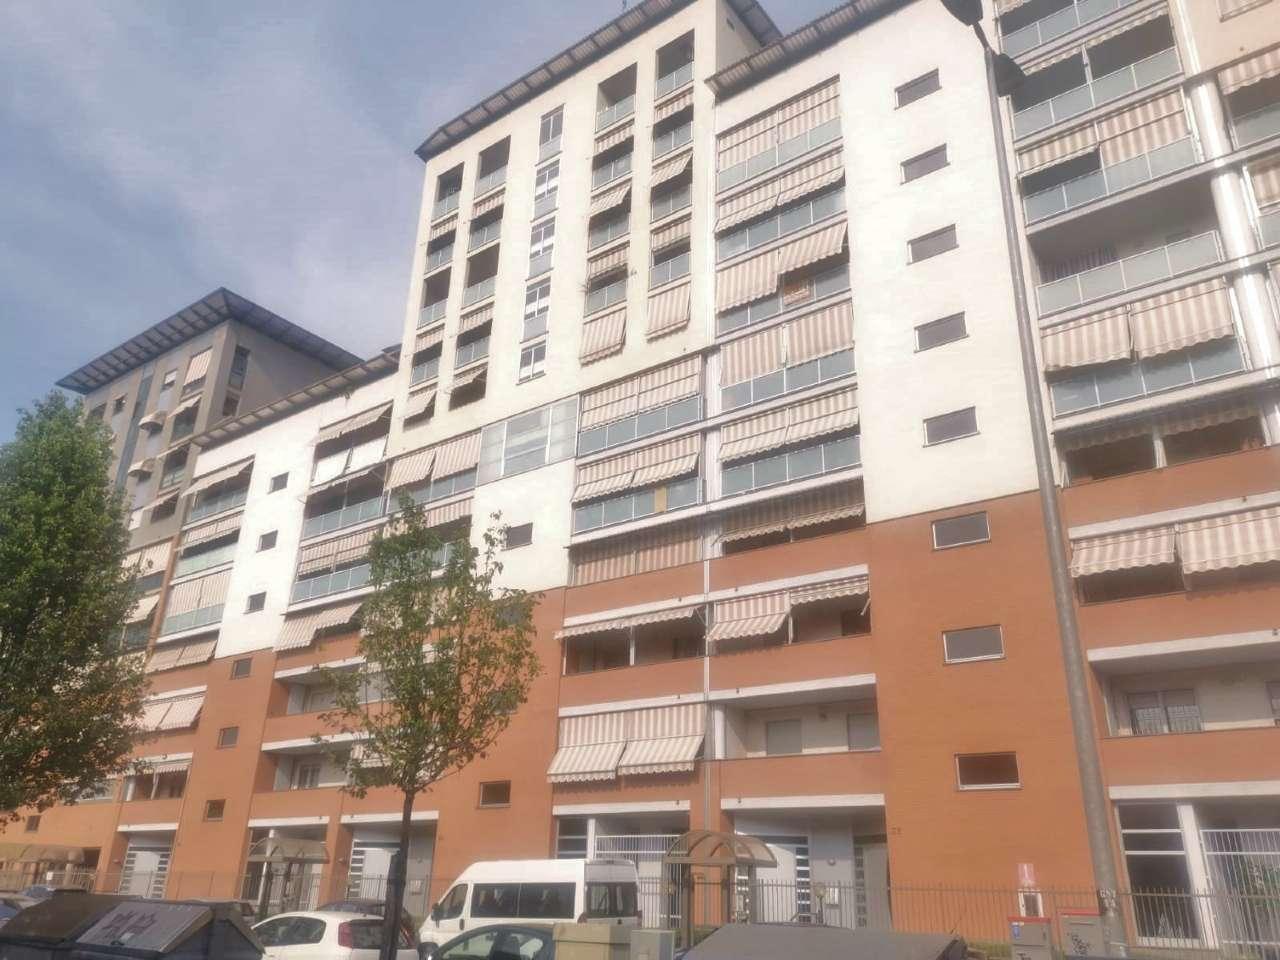 Attico/Mansarda in vendita Zona Madonna di Campagna, Borgo Vittoria... - Via Gressoney 38 Torino